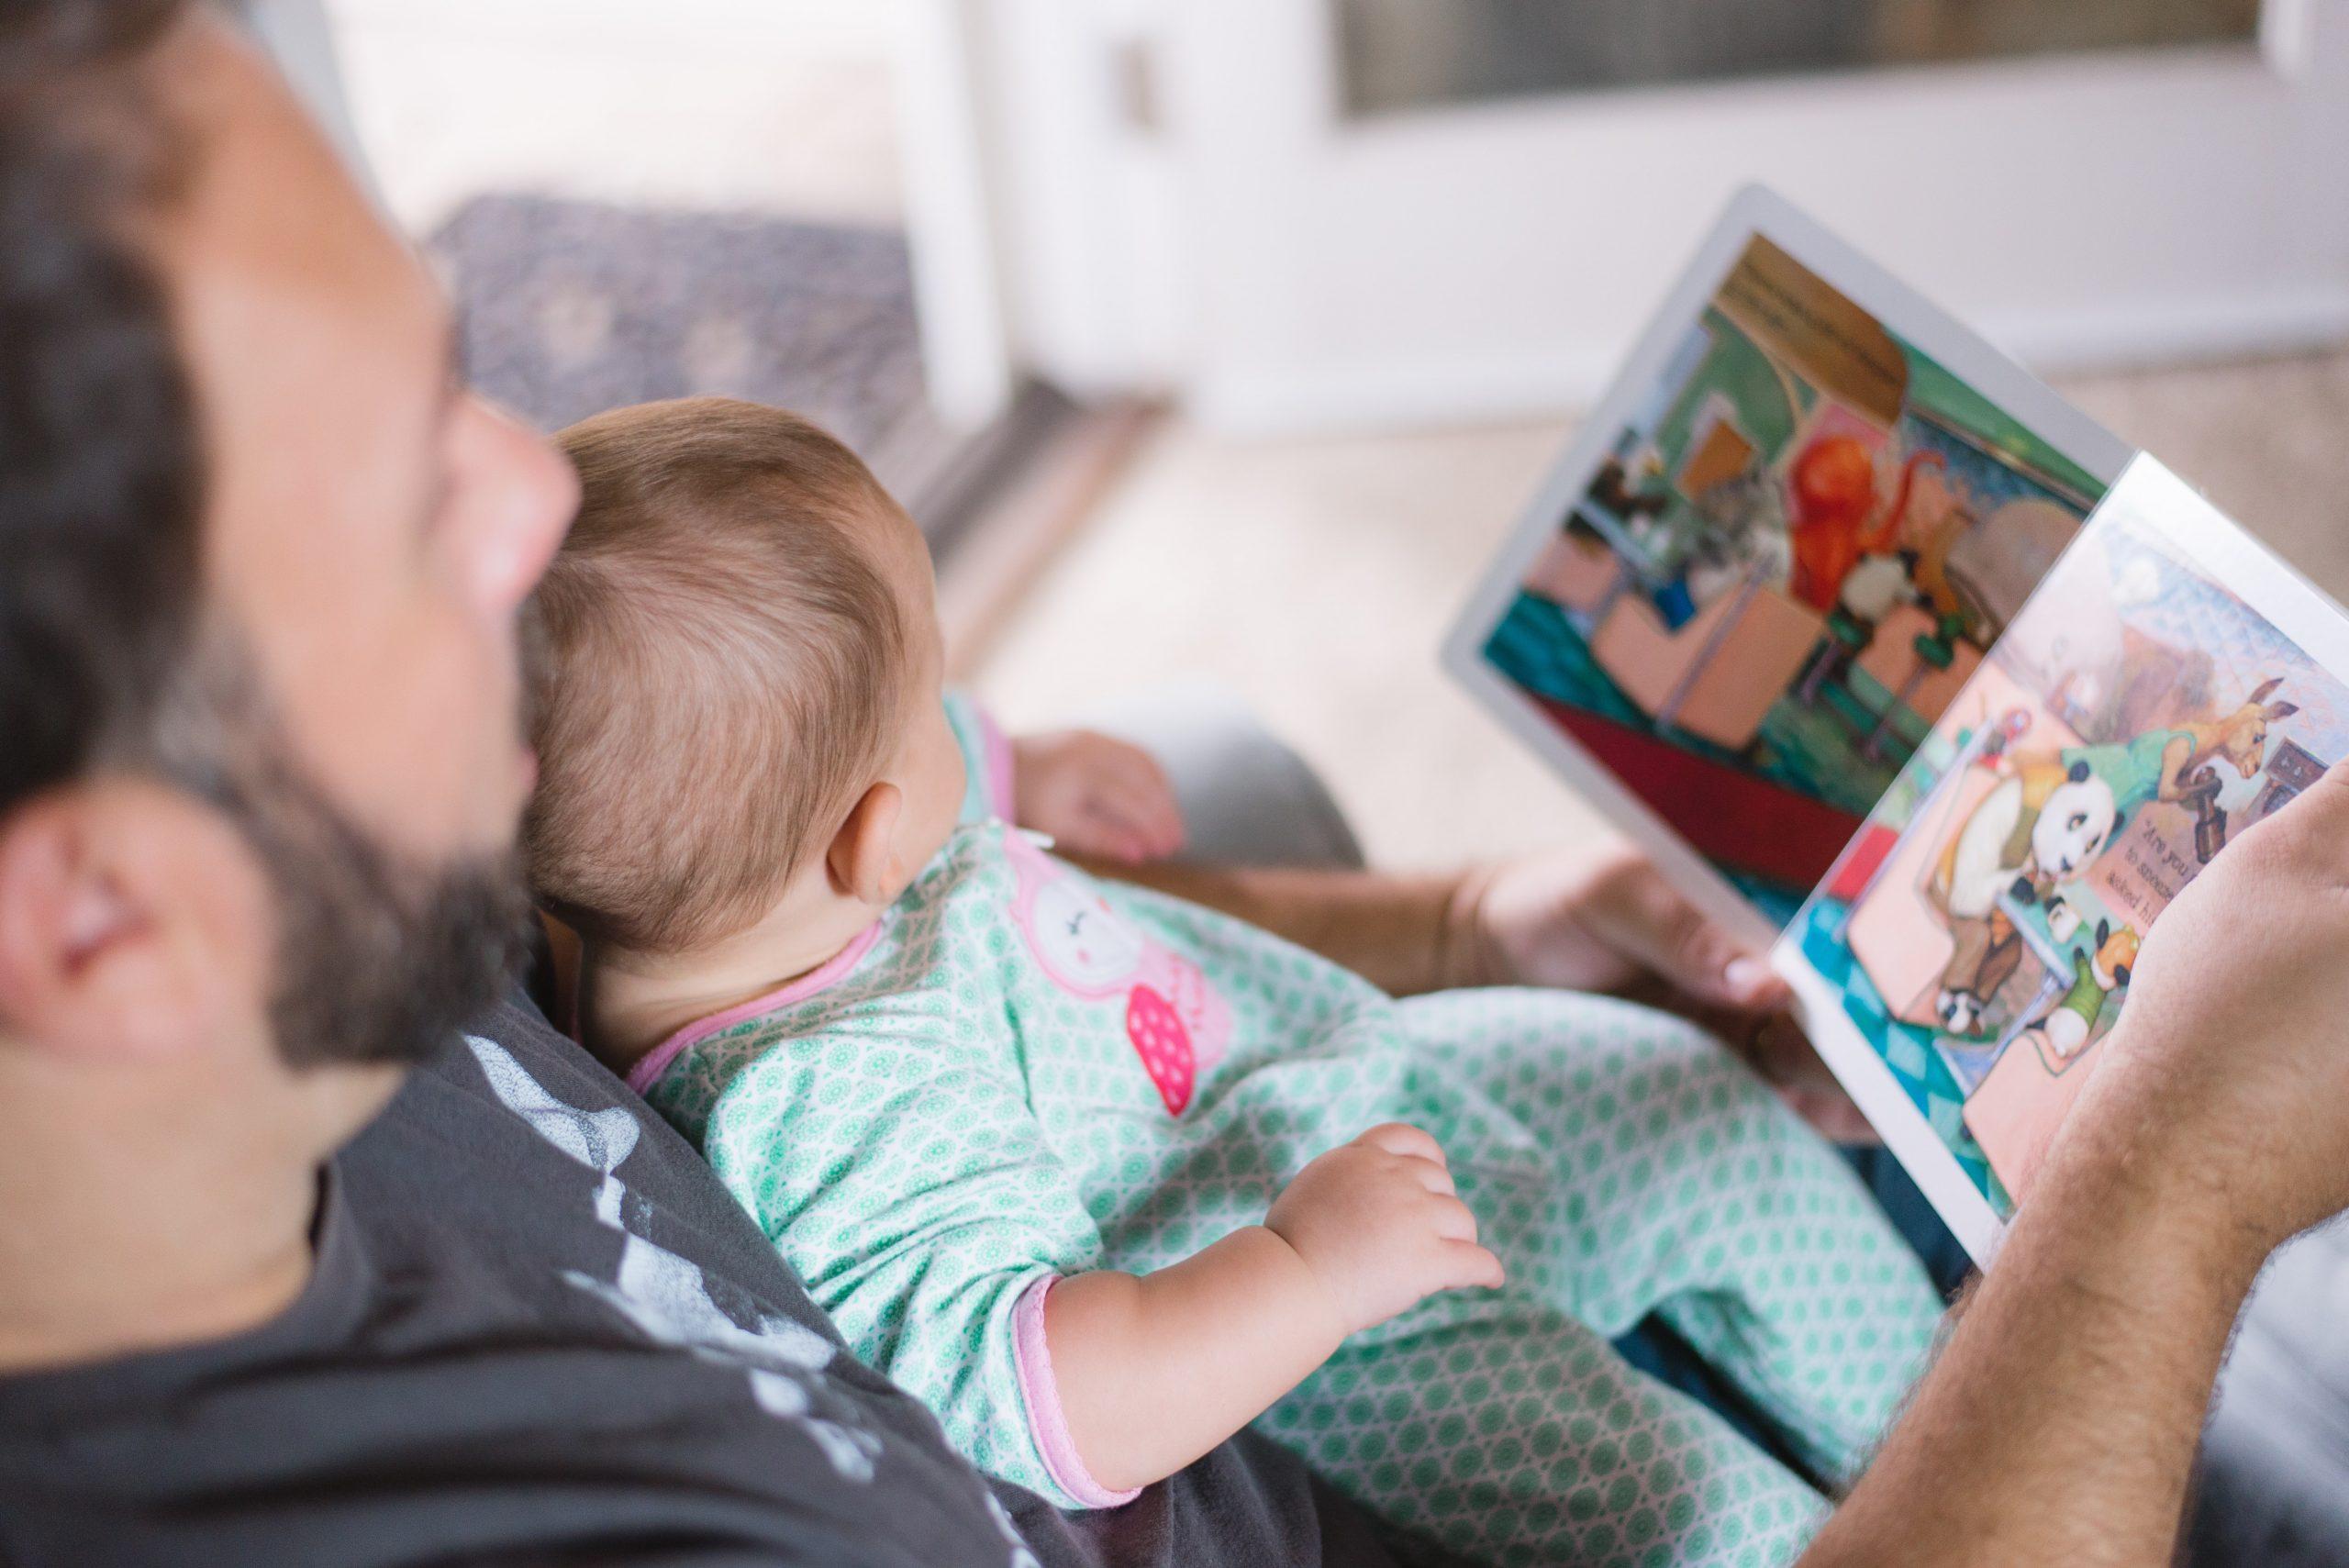 Pai e filho sentados. O pai conta uma história de livro para o filho.